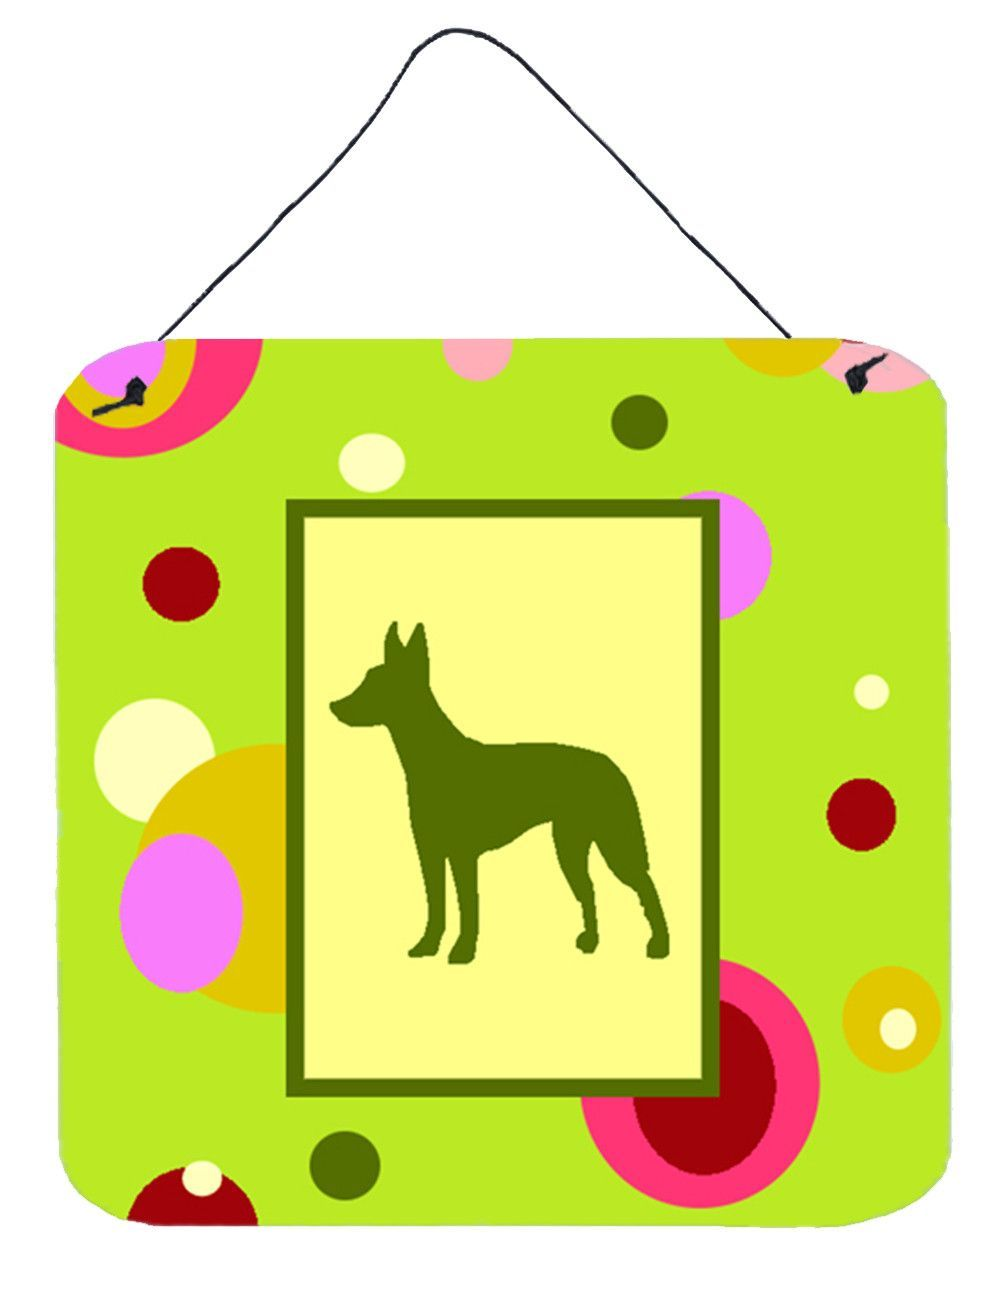 Manchester Terrier Aluminium Metal Wall or Door Hanging Prints